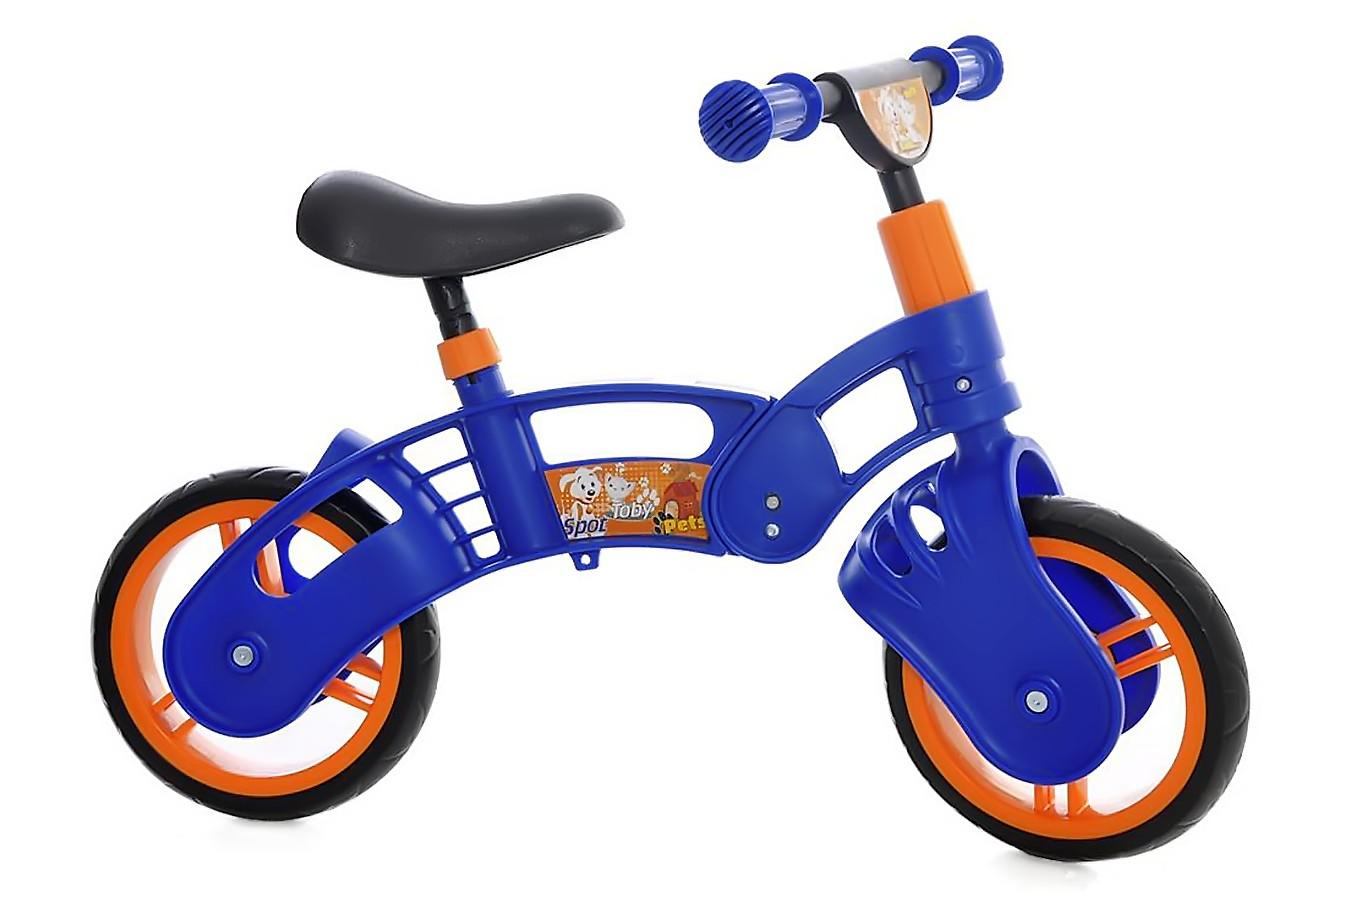 Bicicleta 12 Equilíbrio Pets Balance - Kami